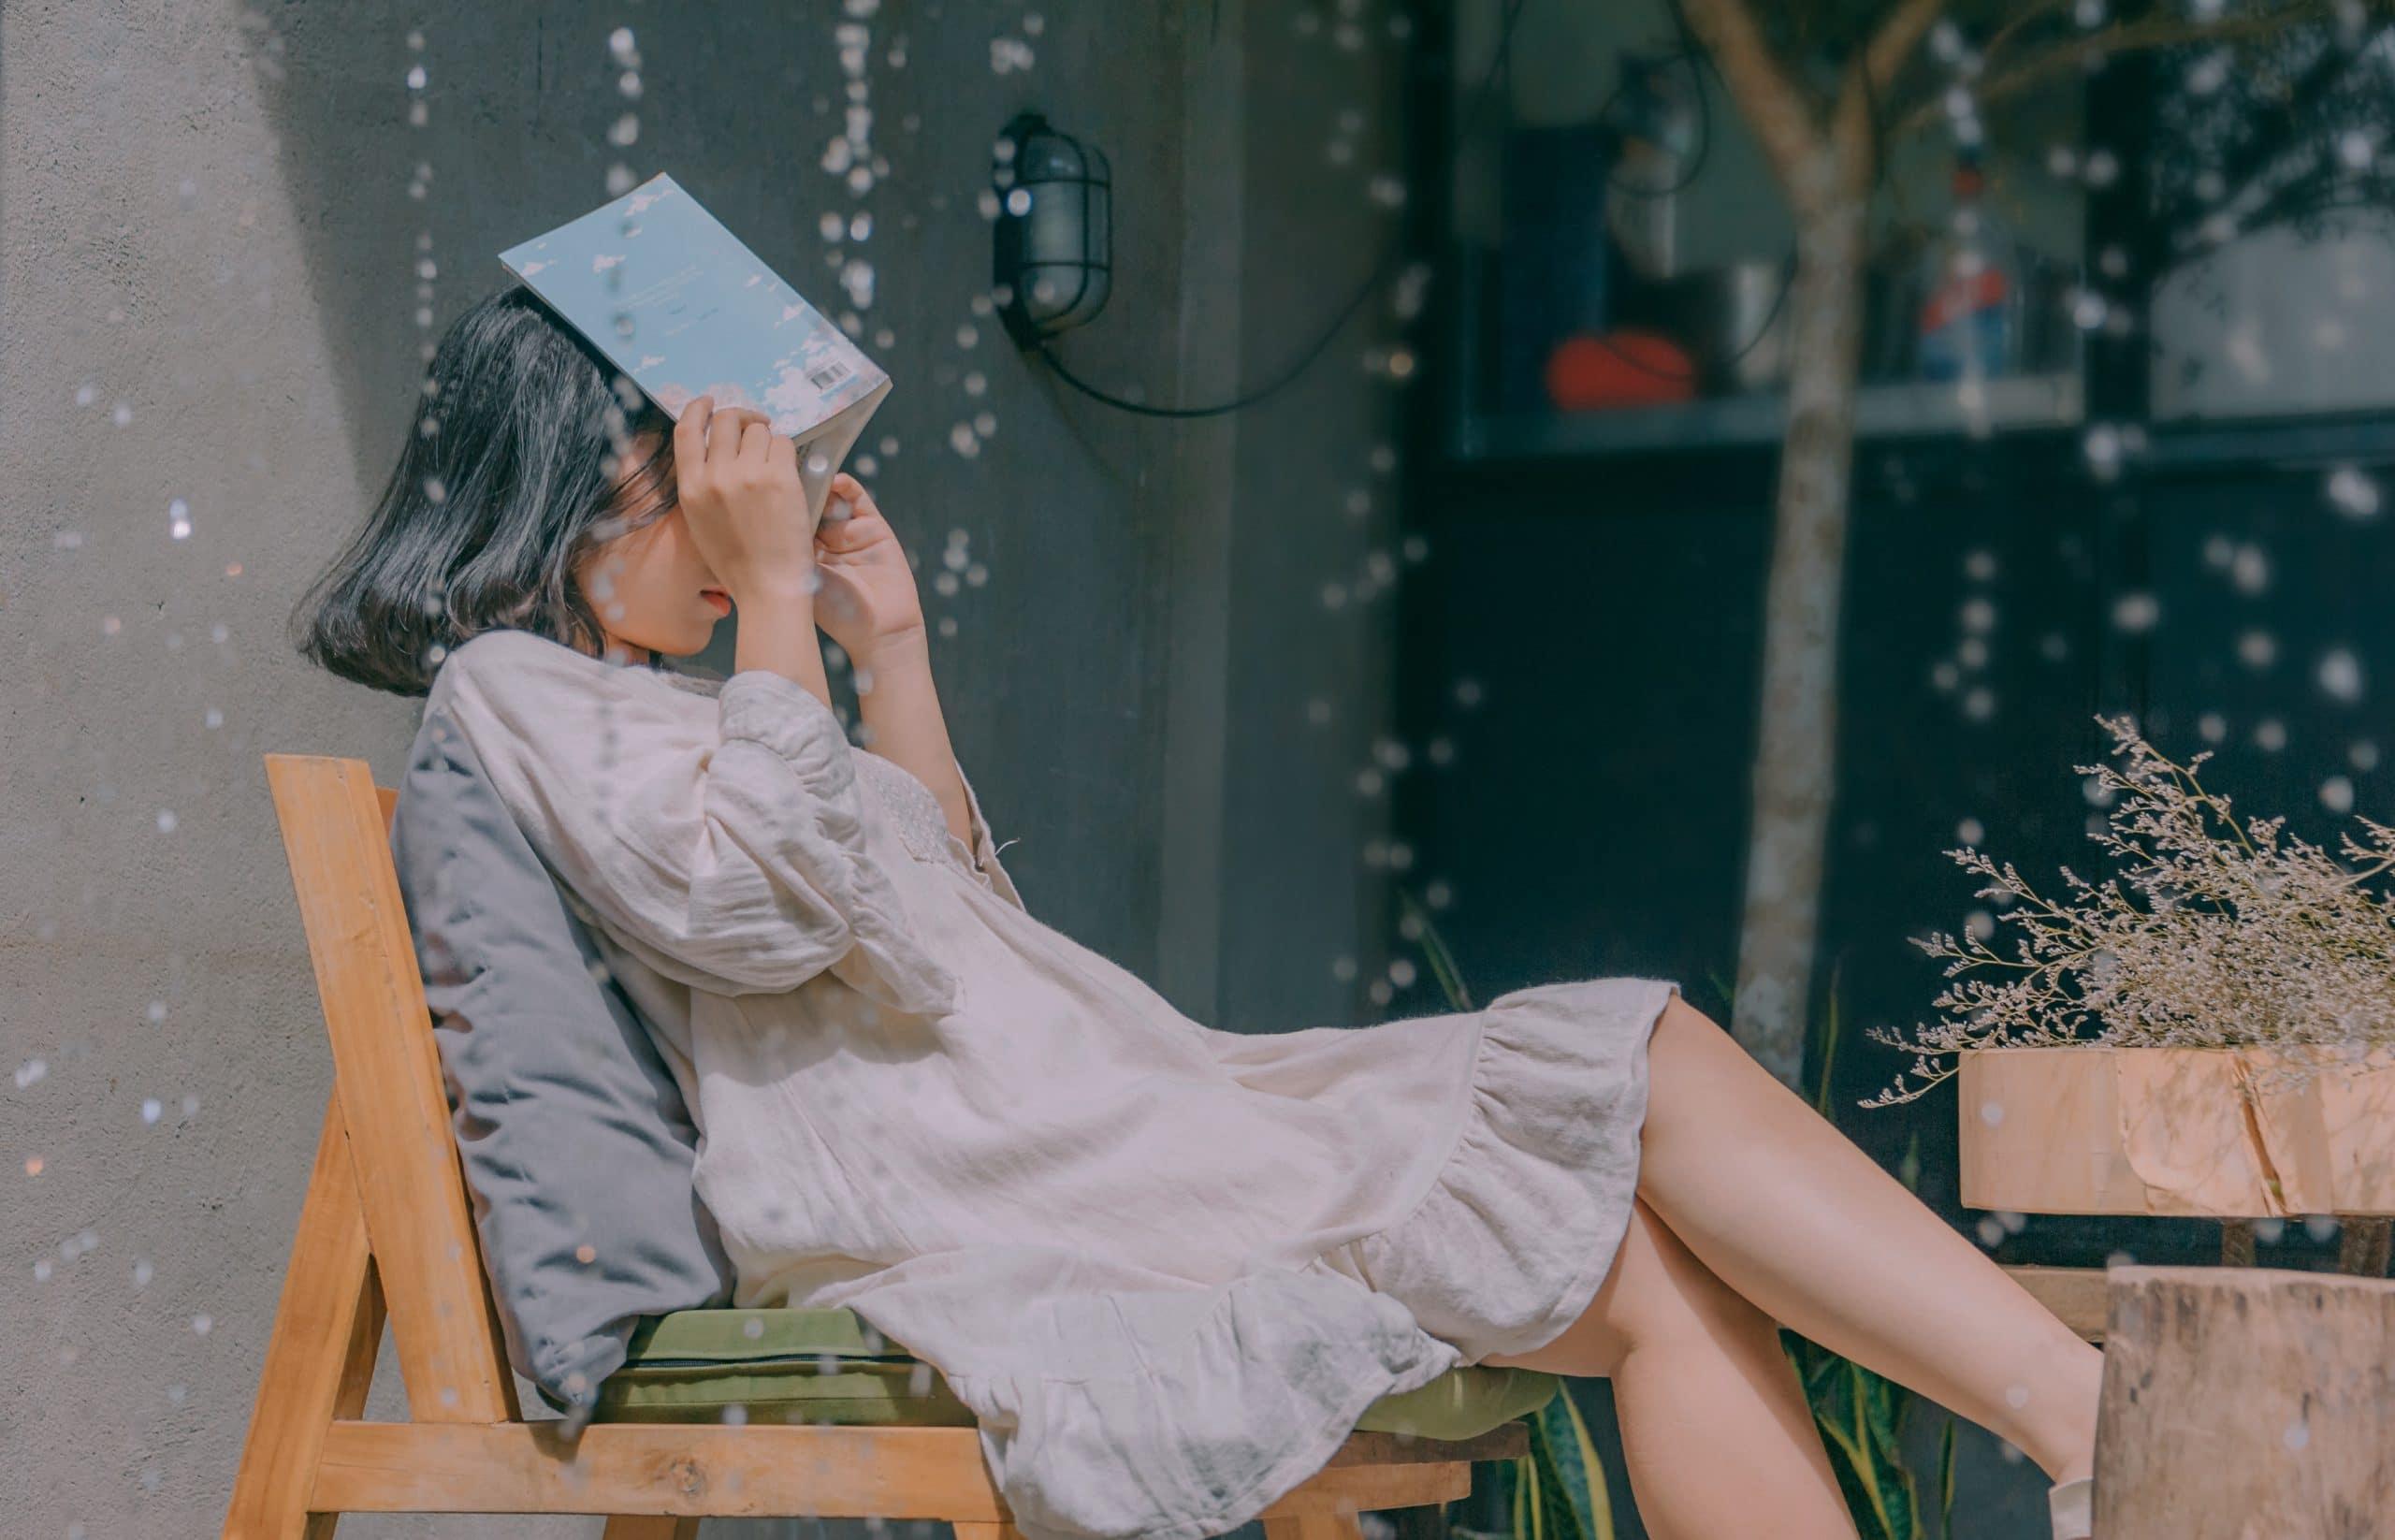 Garota sentada em uma poltrona com as pernas cruzadas e um livro cobrindo seu rosto.